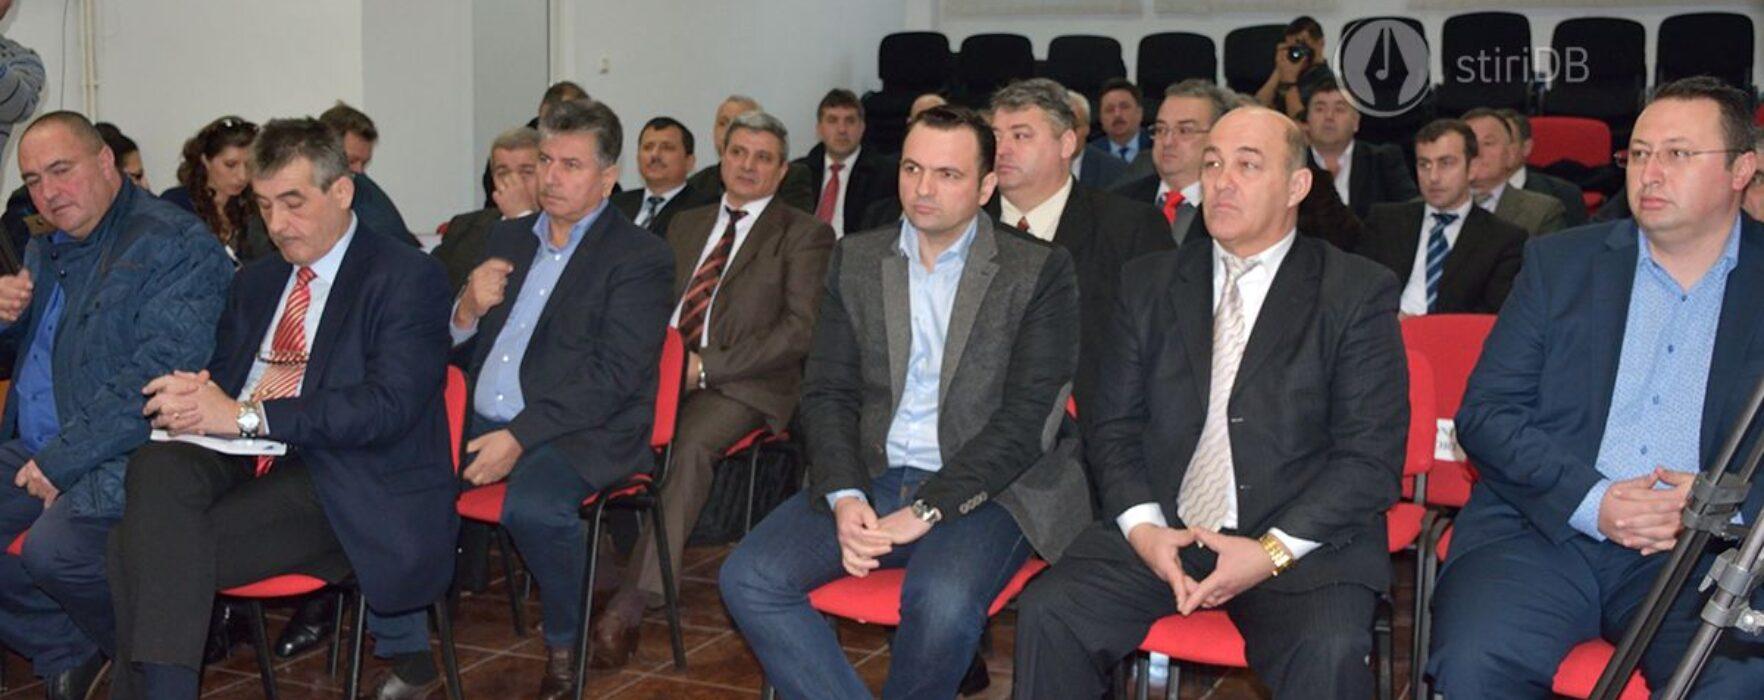 PSD Dâmboviţa a anunţat o parte din candidaţii la alegerile locale; vezi lista